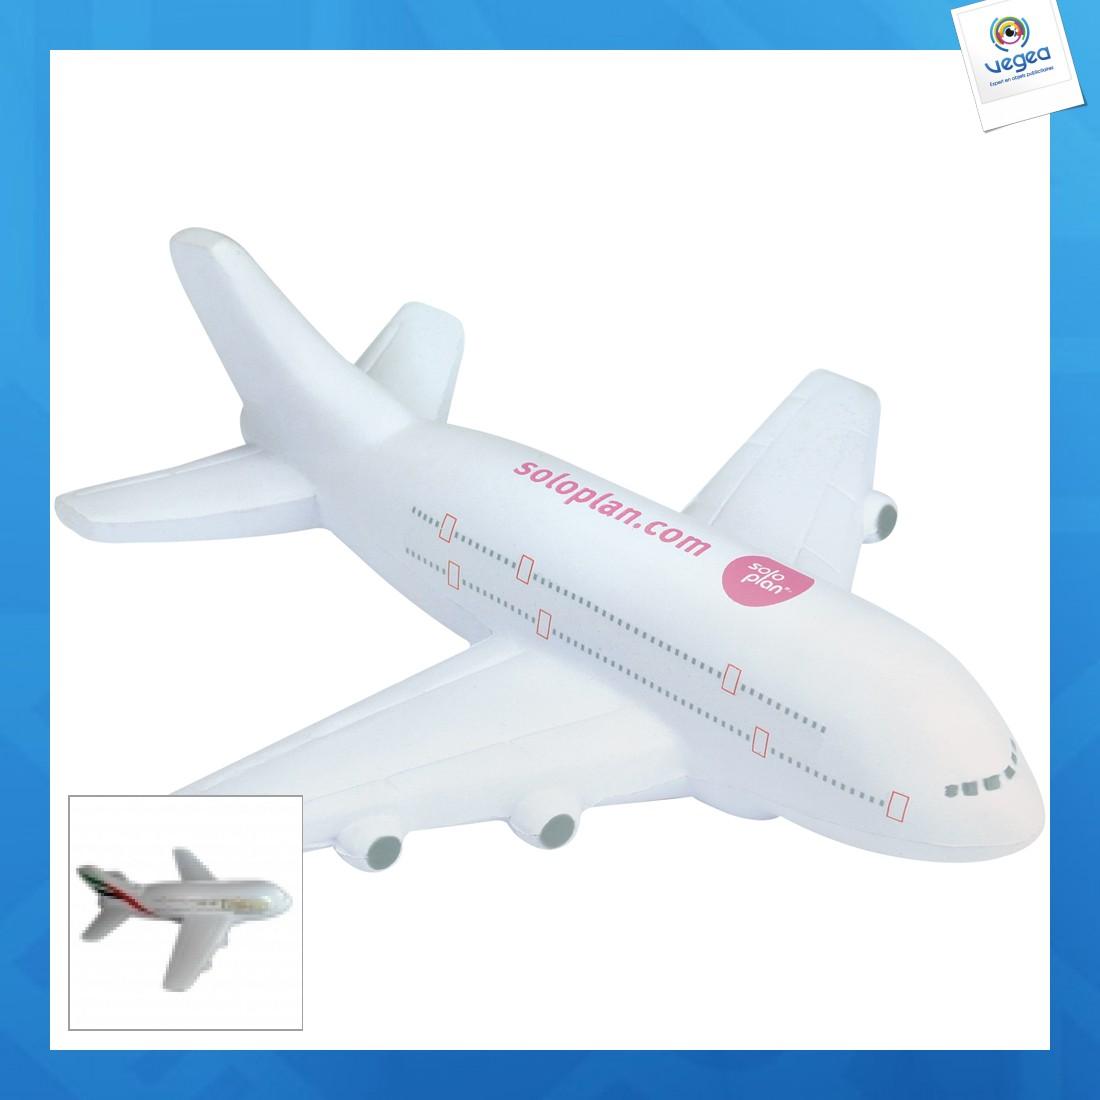 Avion personnalisable 01377v0040178 partir de 5 55 euros ht - Objet anti stress bureau ...